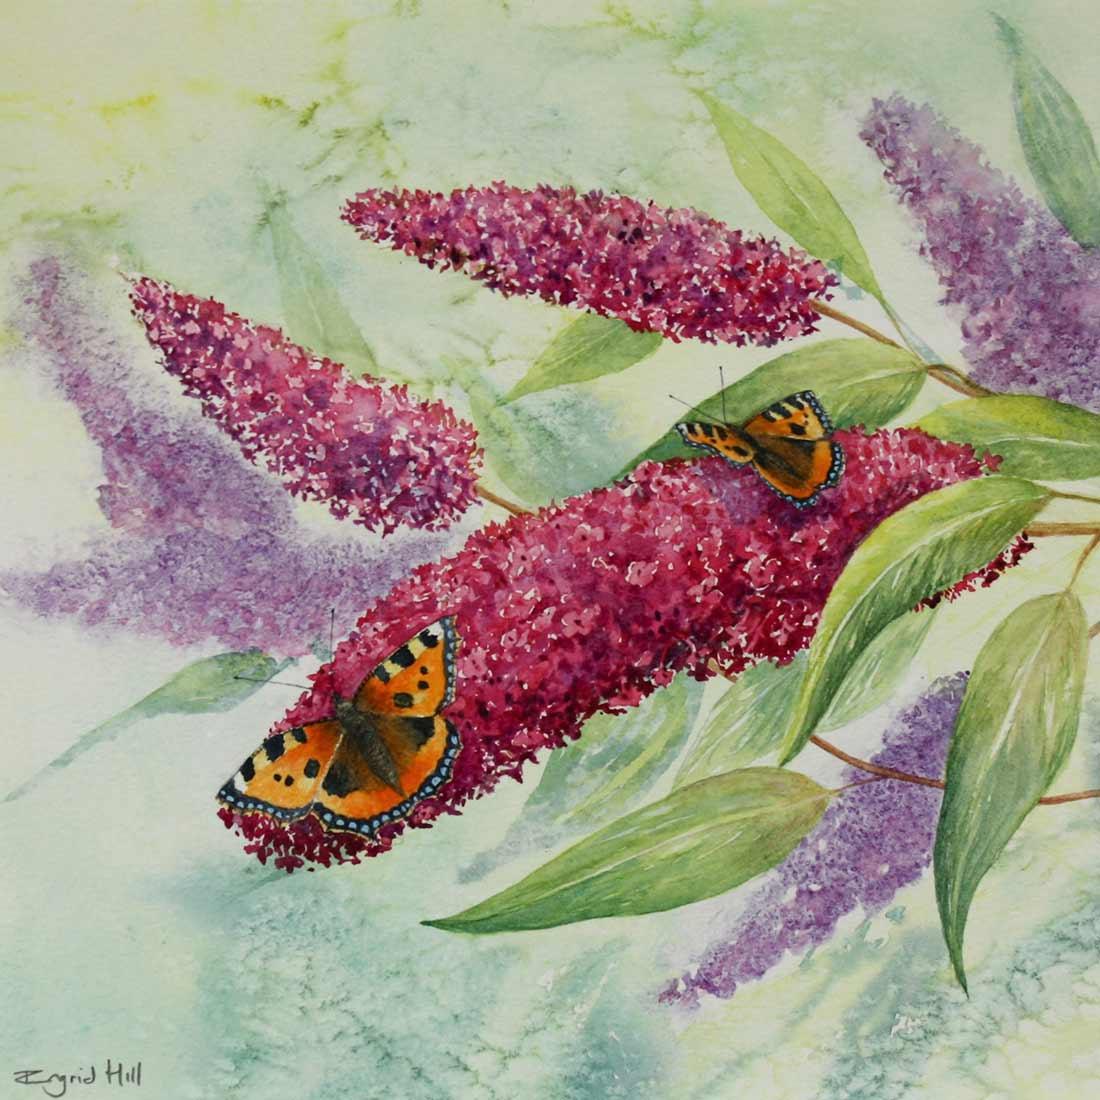 Watercolour of two butterflies on Buddliea flowers